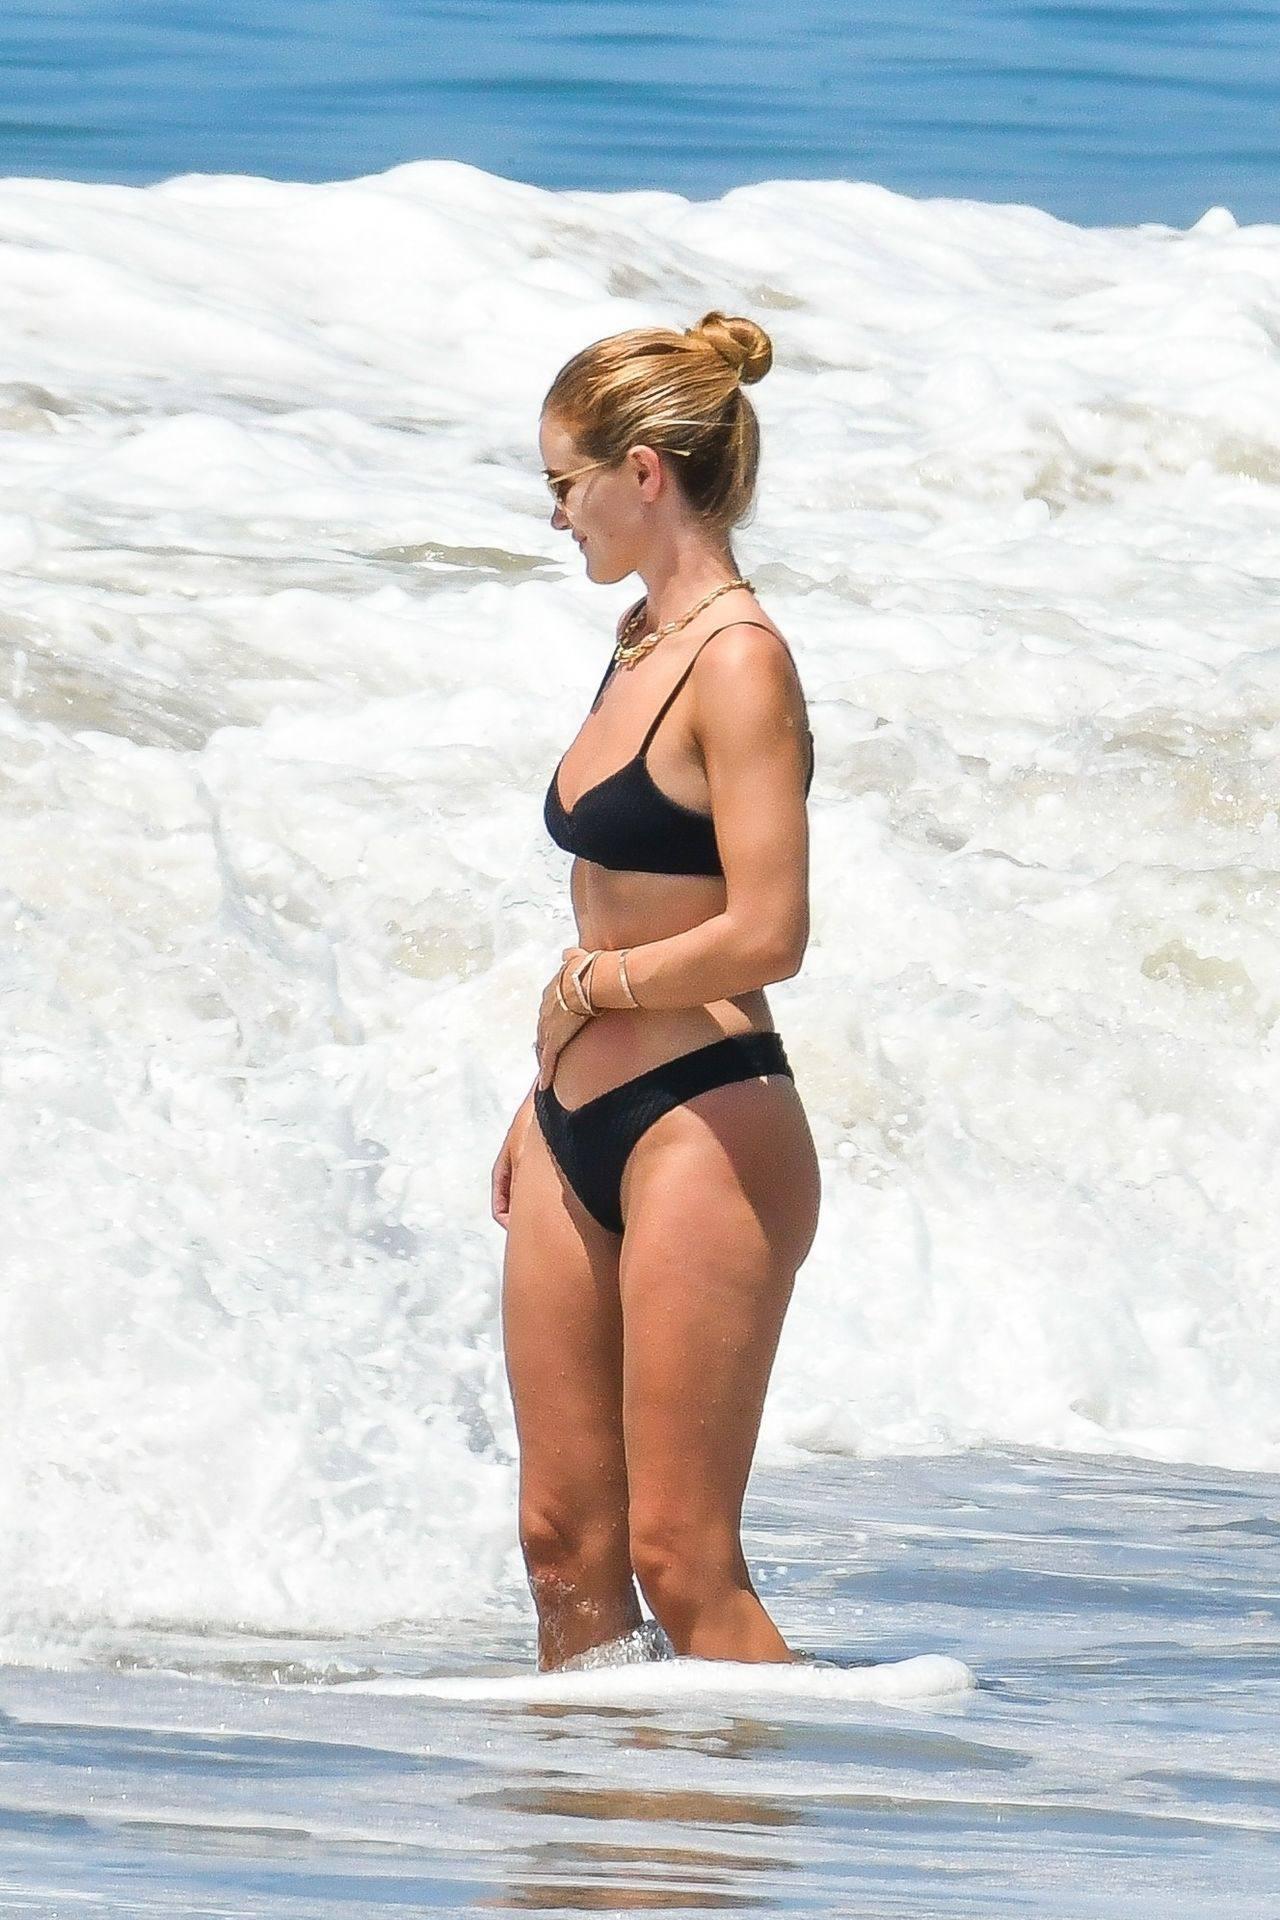 Rosie Huntington Whiteley – Beautiful Ass In Thong Bikini In Malibu 0014